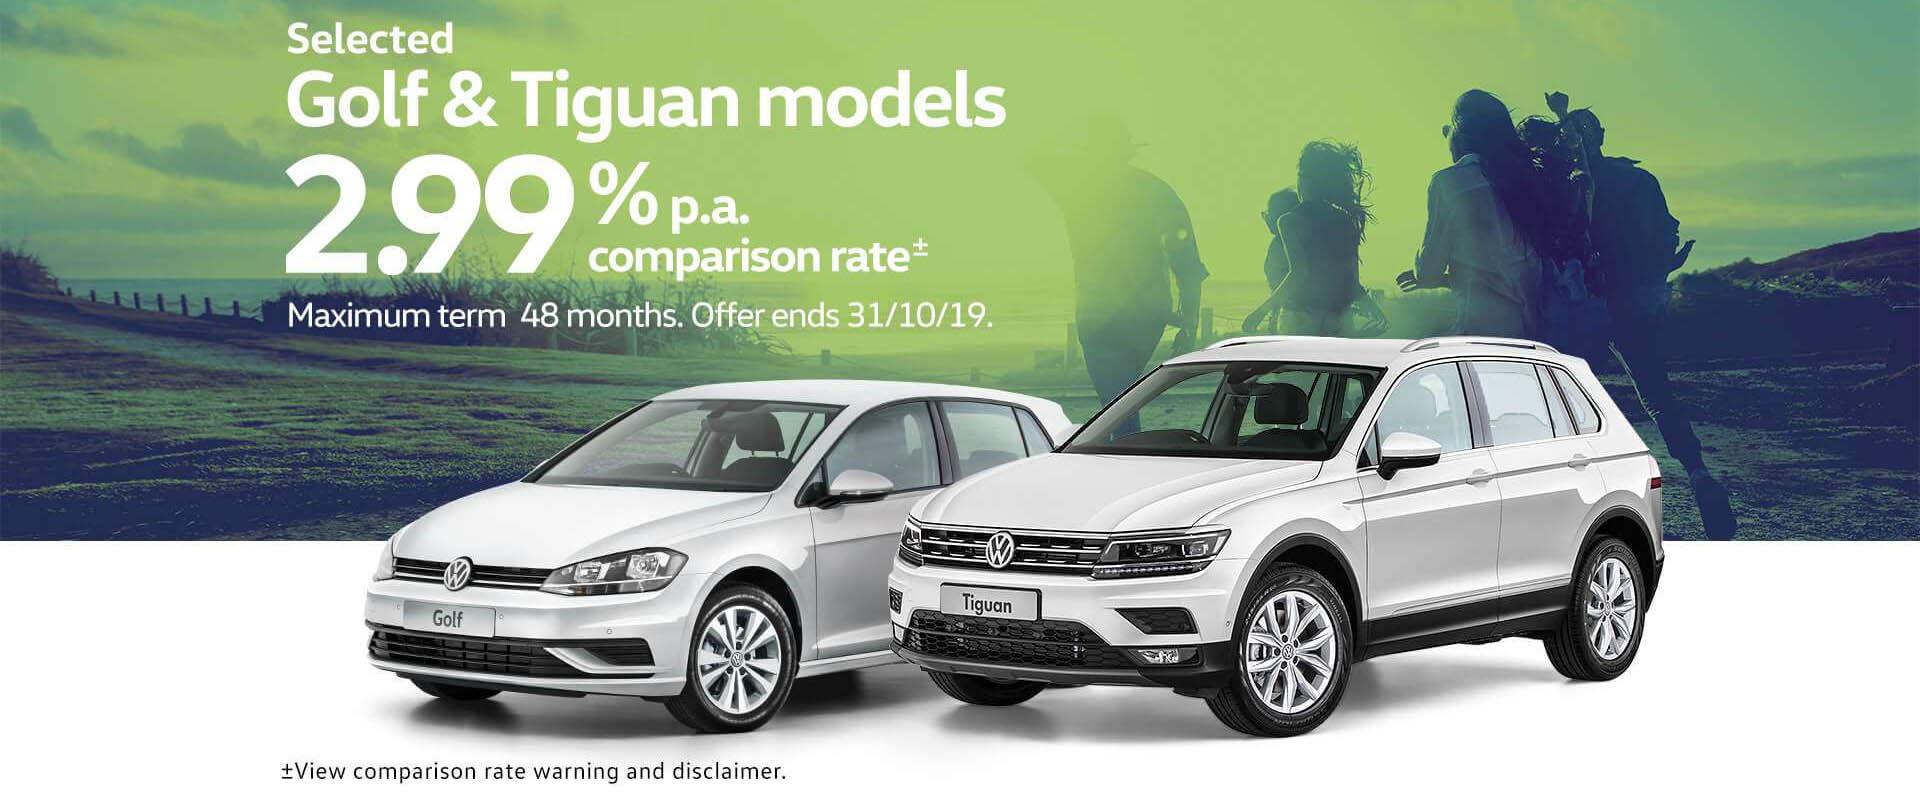 Volkswagen Passenger Offer